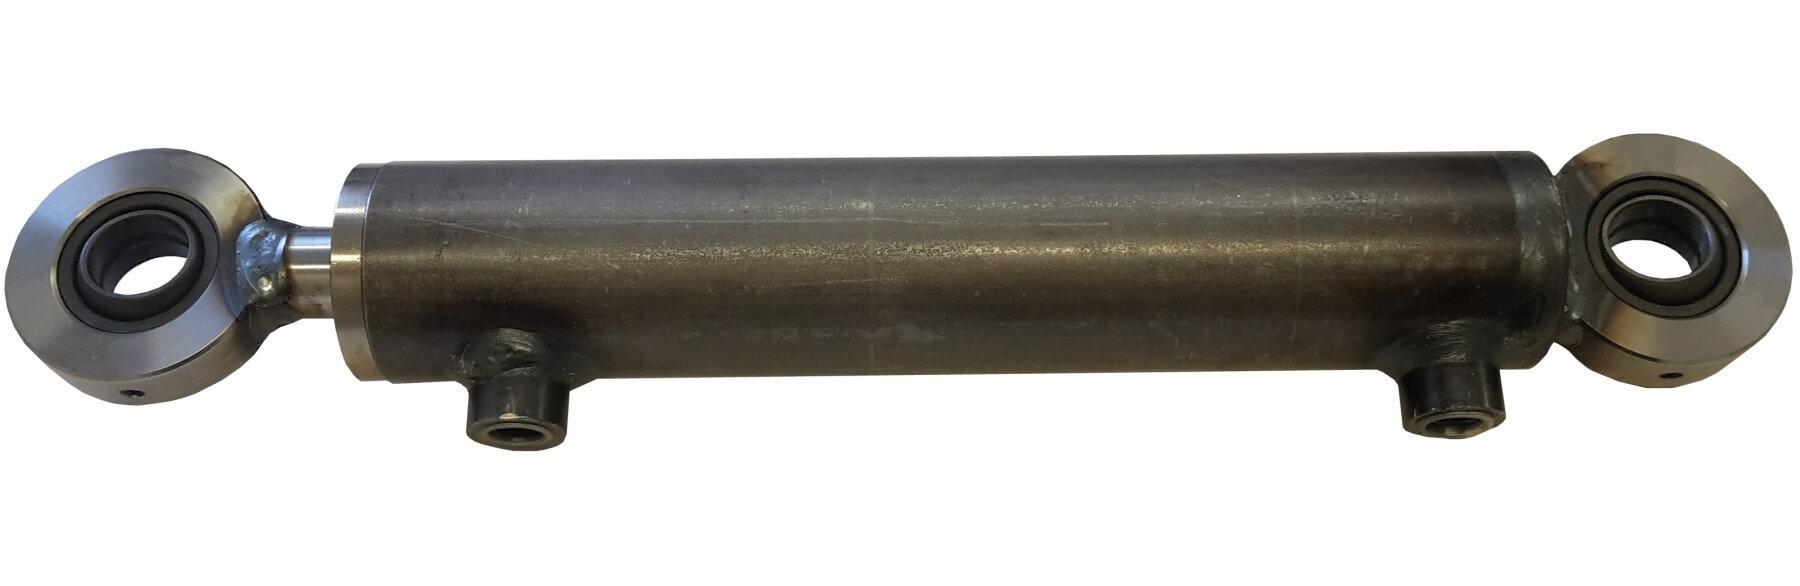 Hydraulisylinteri CL 40. 25. 550 GE - Kailatec Oy Verkkokauppa